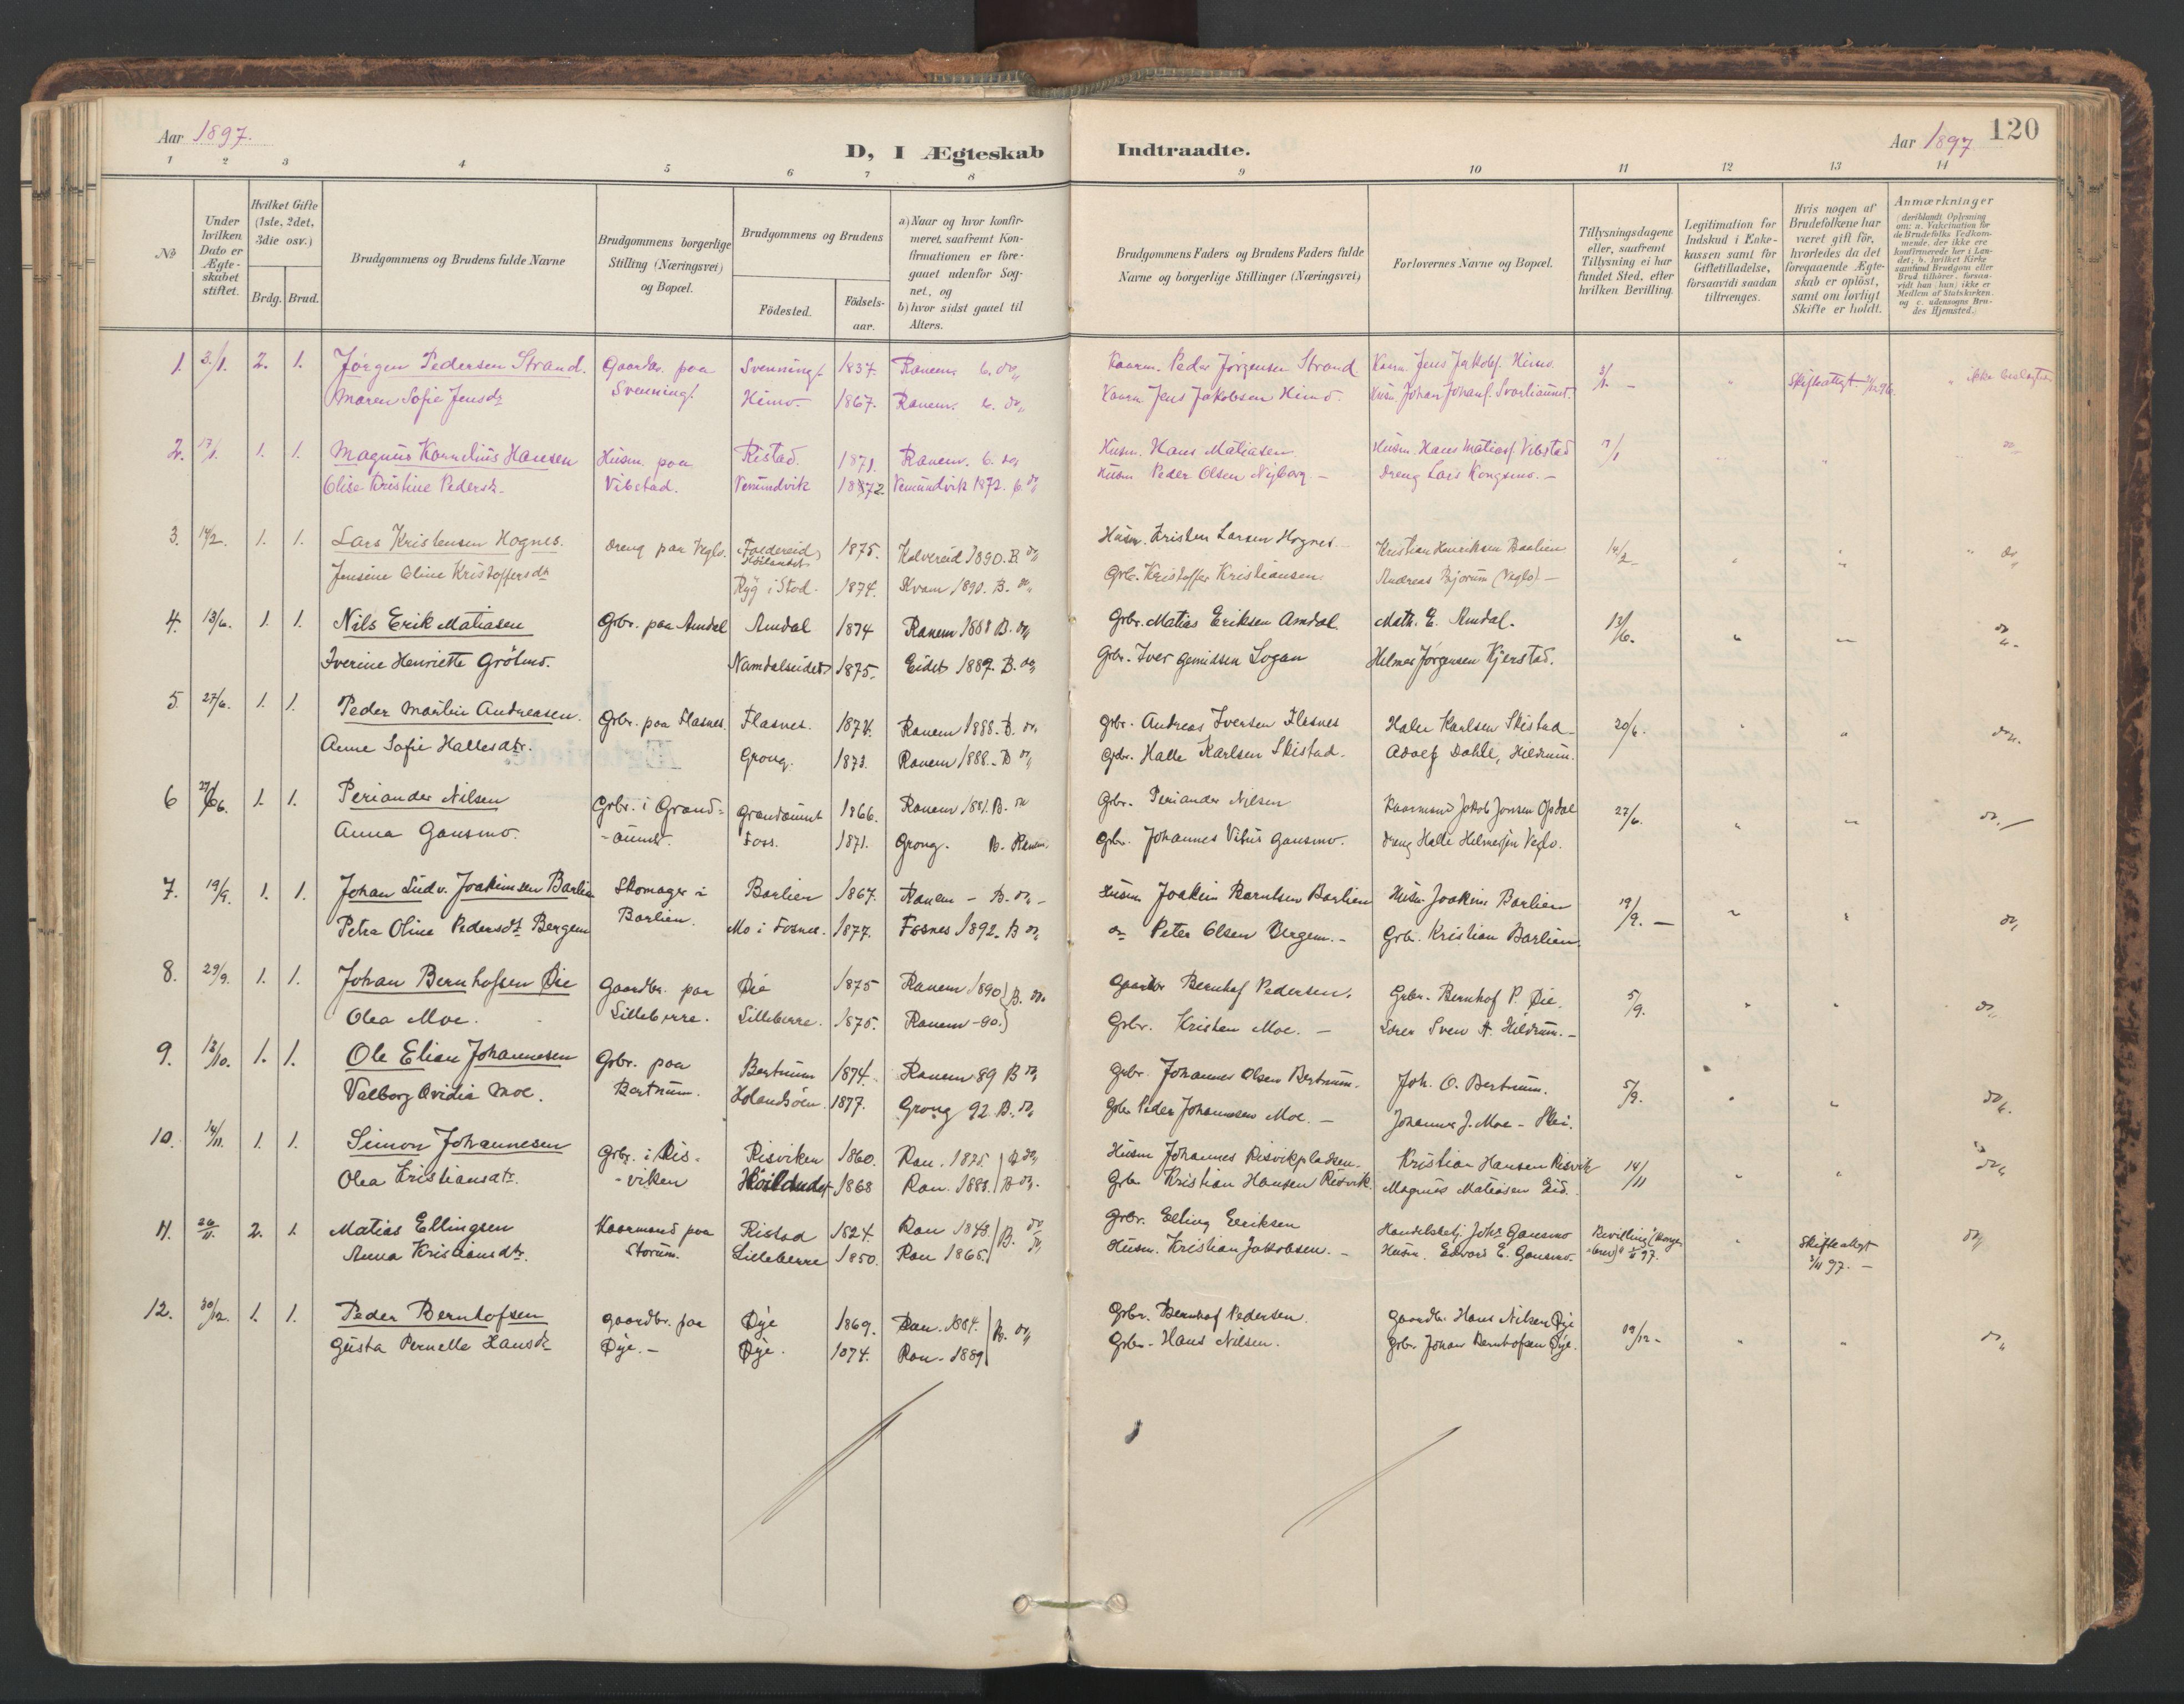 SAT, Ministerialprotokoller, klokkerbøker og fødselsregistre - Nord-Trøndelag, 764/L0556: Ministerialbok nr. 764A11, 1897-1924, s. 120